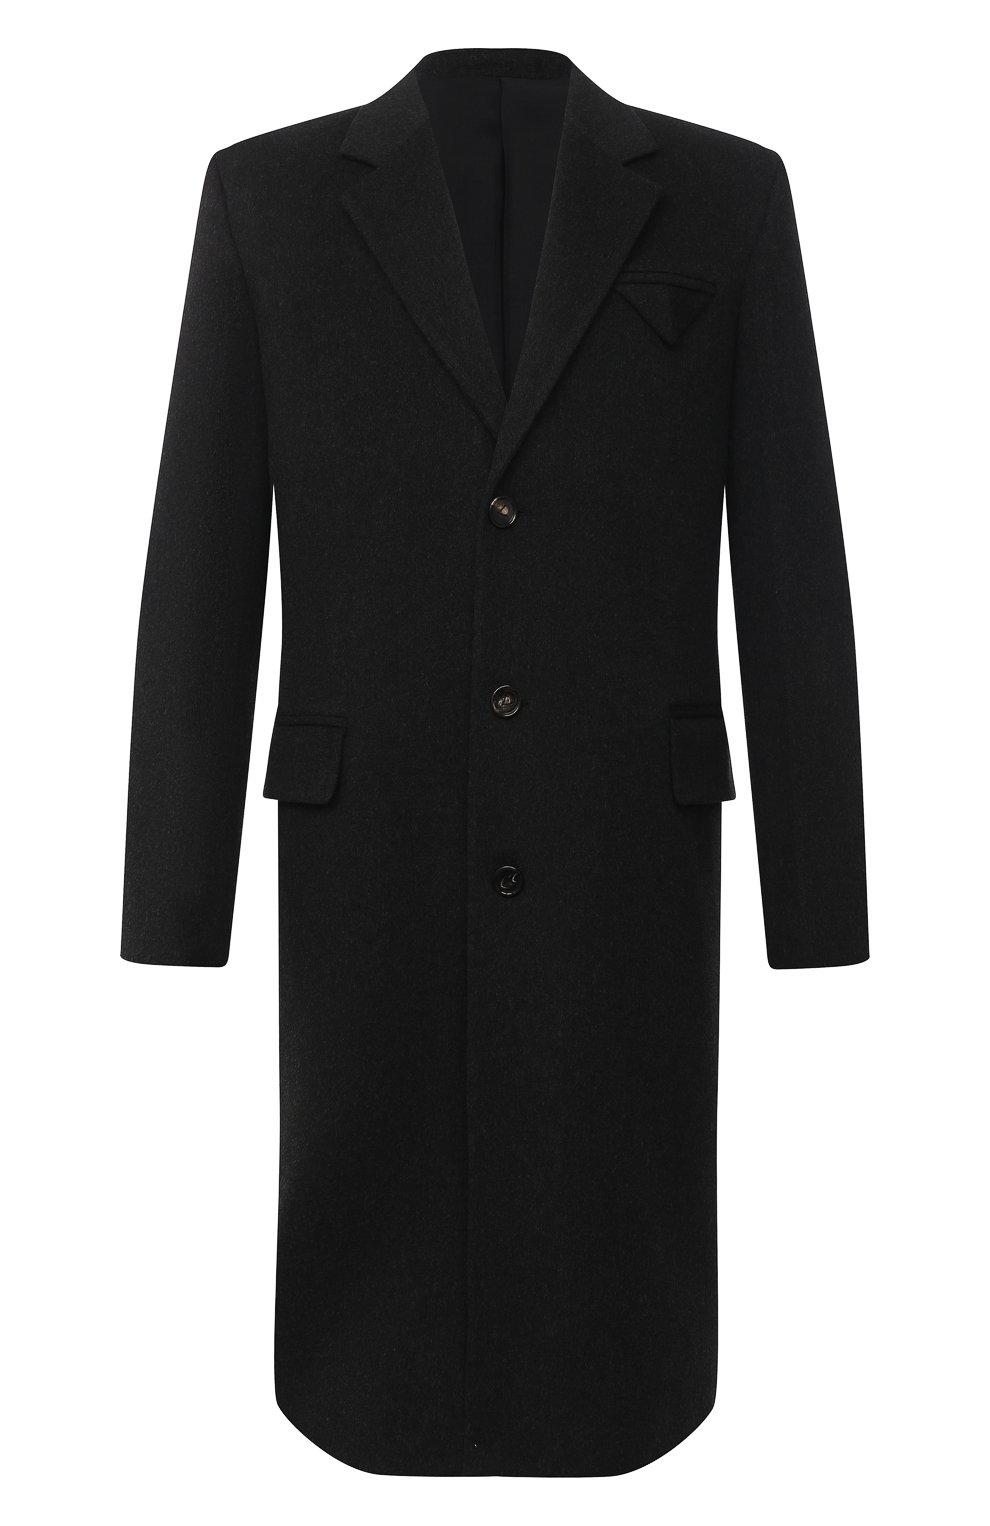 Мужской пальто из шерсти и кашемира BOTTEGA VENETA темно-серого цвета, арт. 650411/VKLU0   Фото 1 (Материал внешний: Шерсть; Рукава: Длинные; Длина (верхняя одежда): До колена; Материал подклада: Вискоза; Мужское Кросс-КТ: пальто-верхняя одежда; Стили: Минимализм)